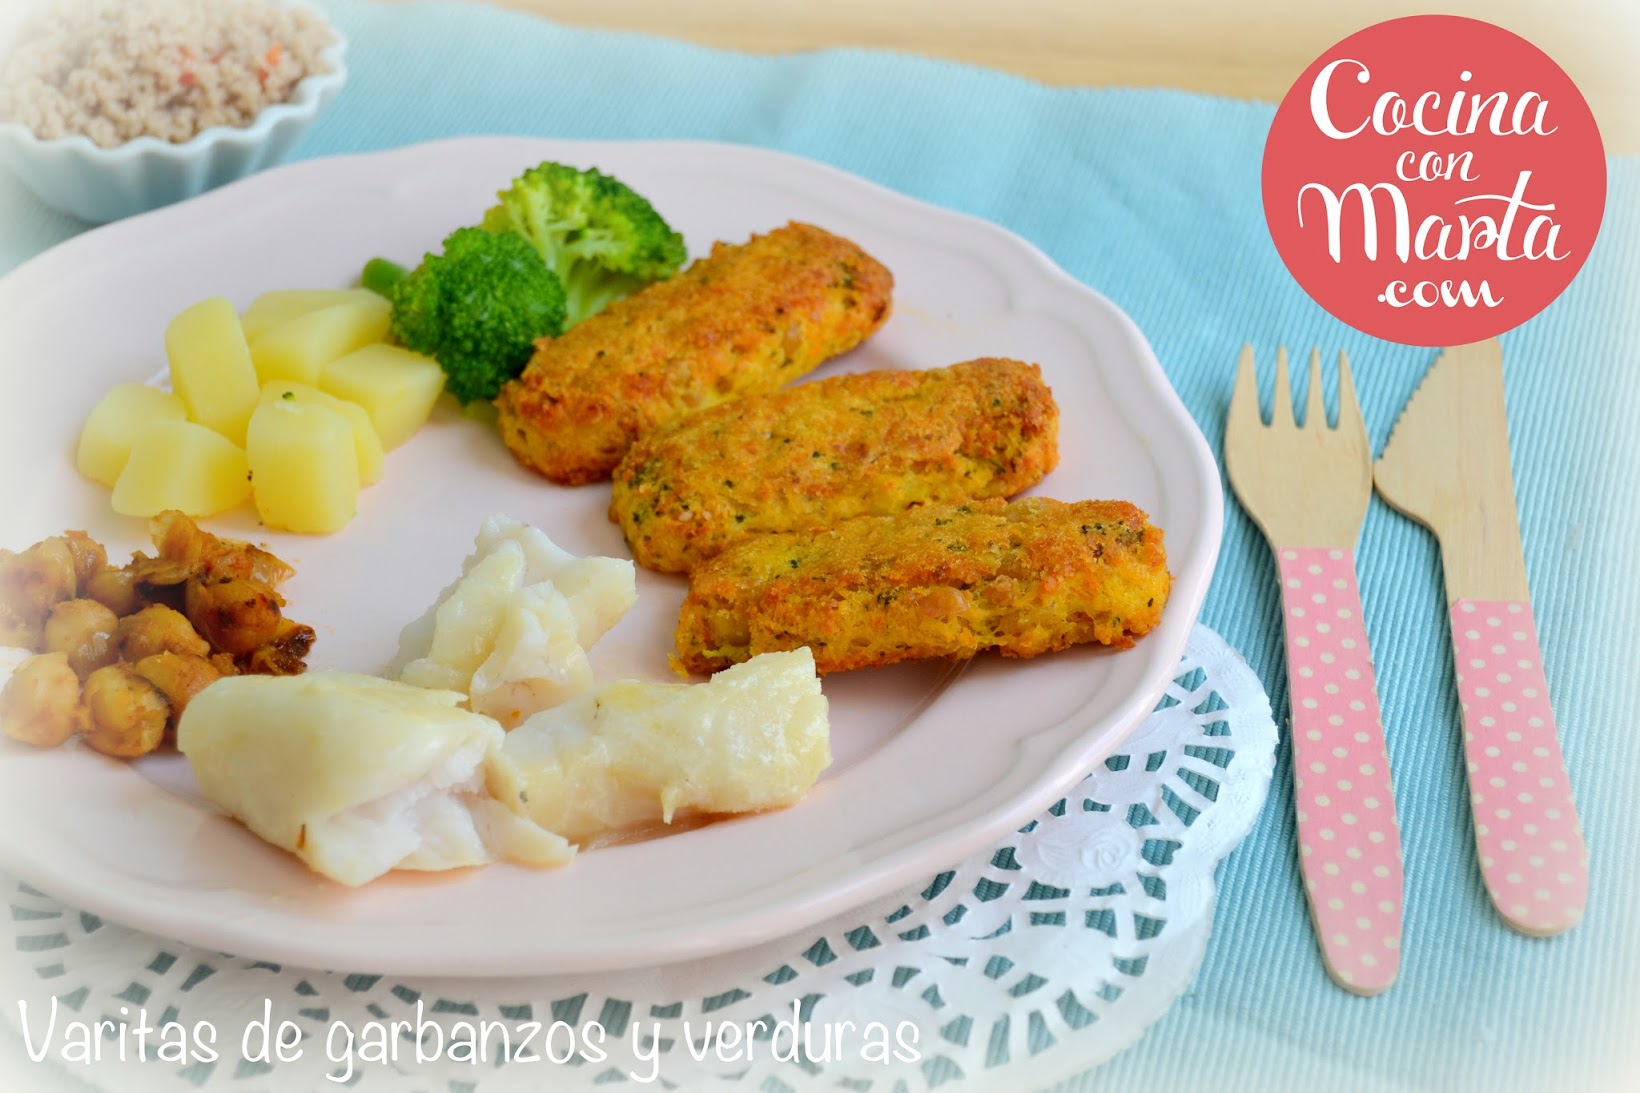 Receta baby led weanig, blw, recetas para bebes y niños, receta sana, casera, cocina con marta, garbanzos, patatas, zanahorias, varitas, hamburguesas, receta vegana